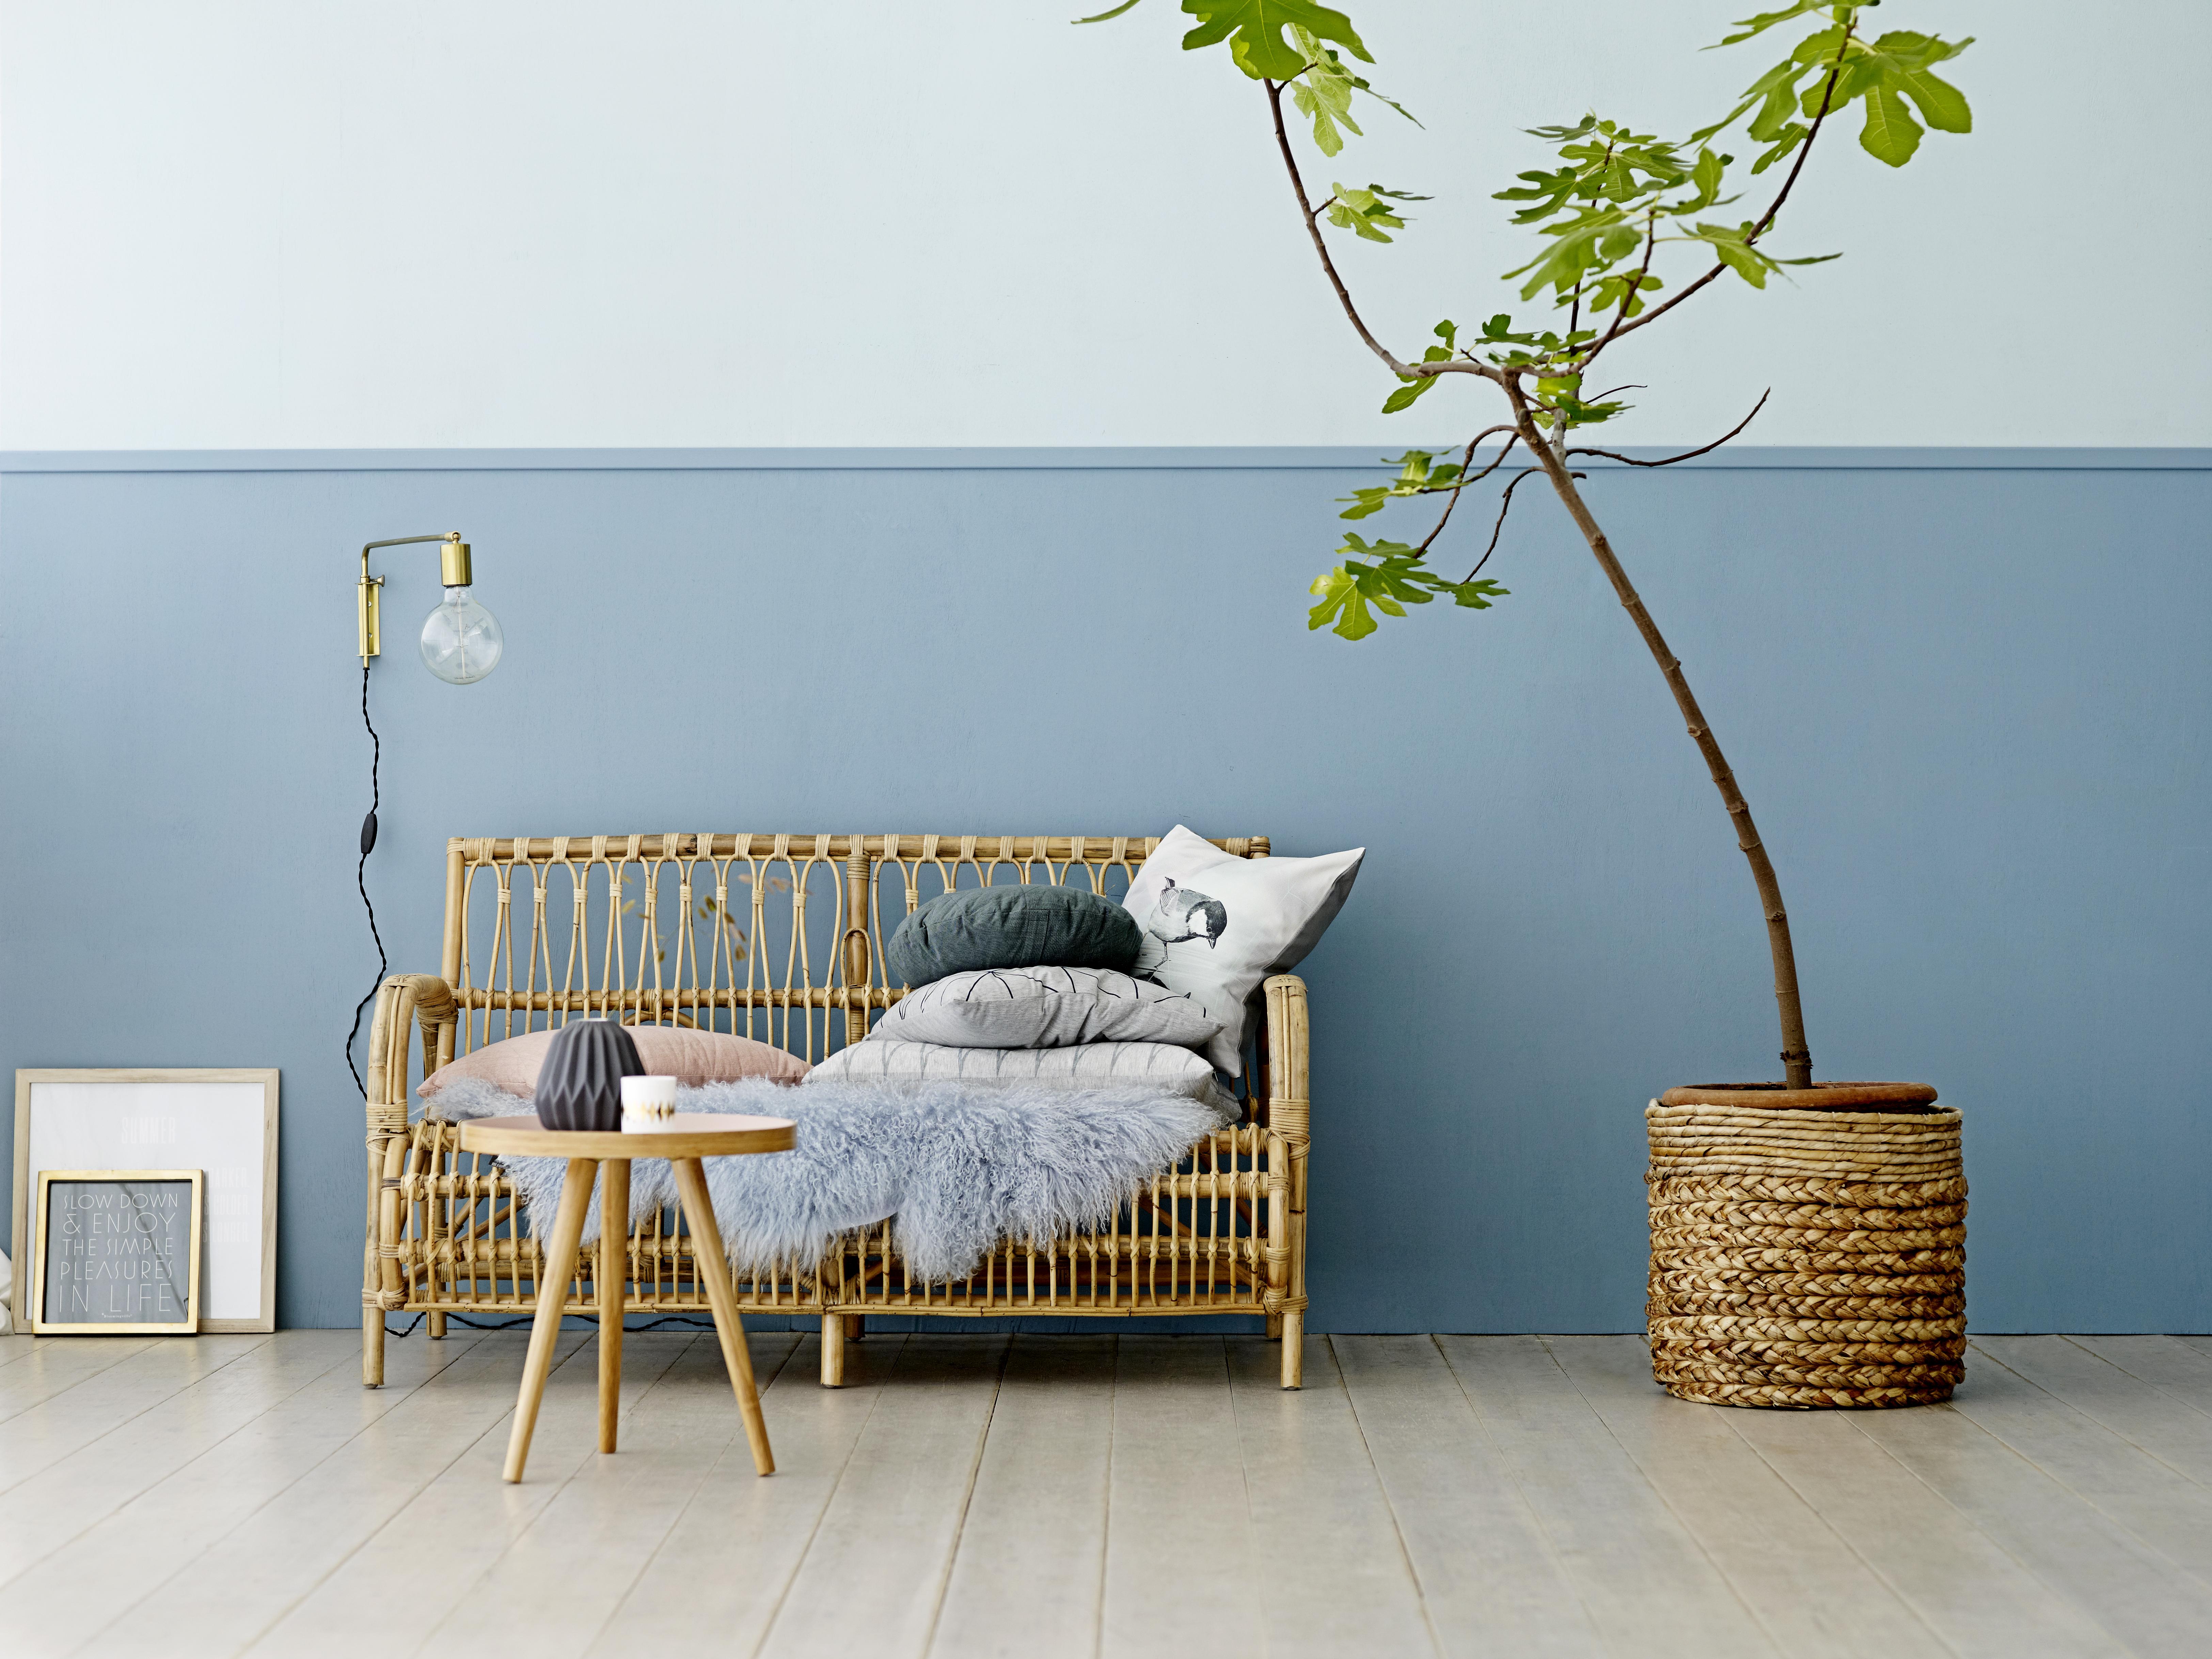 die bessere hälfte | sweet home, Schlafzimmer ideen